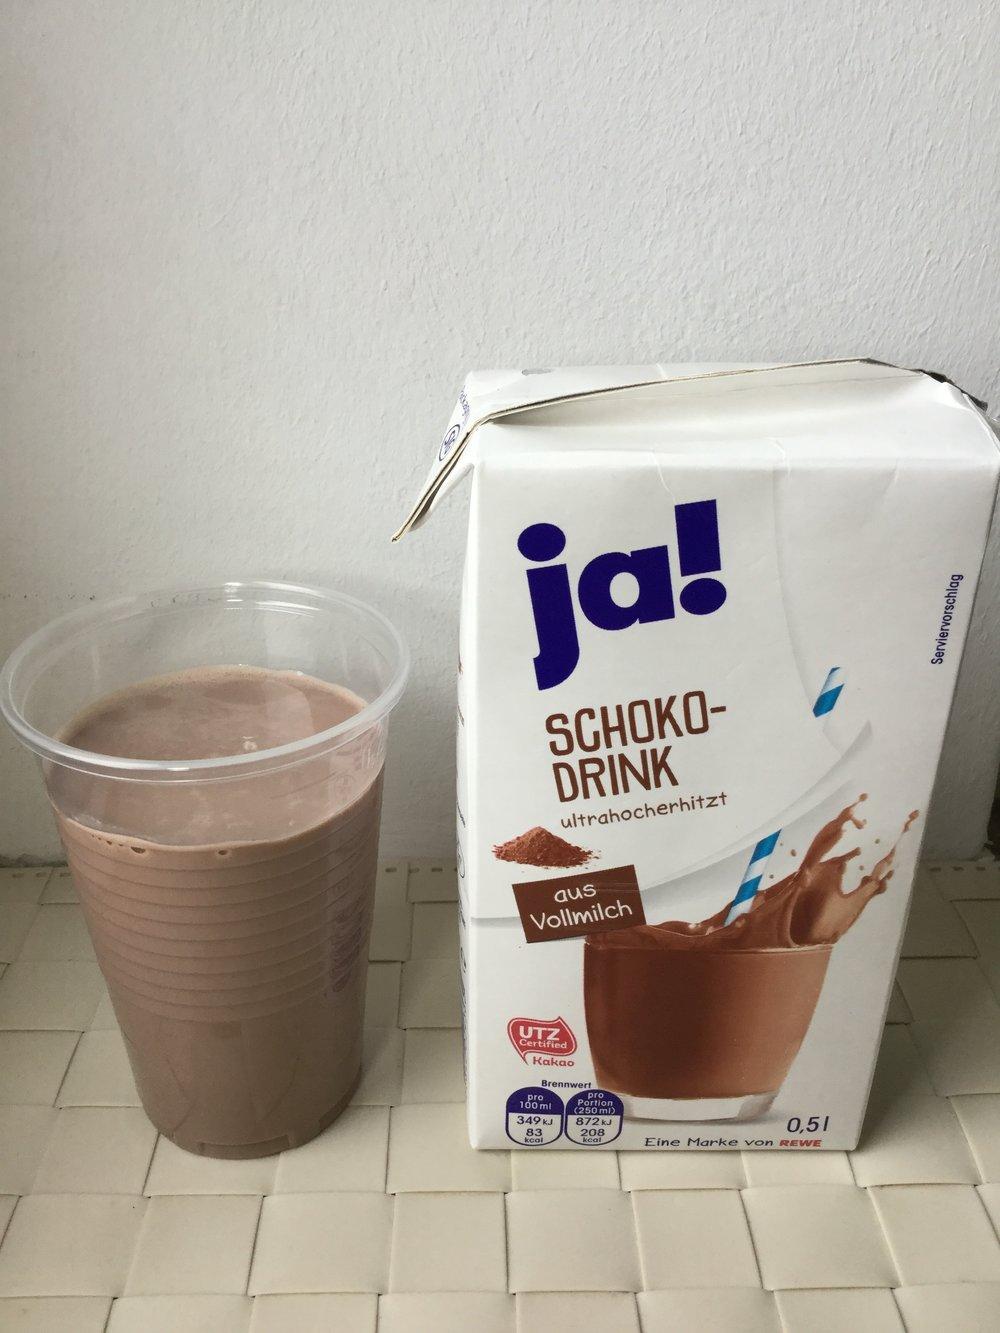 Ja! Schoko-Drink Cup